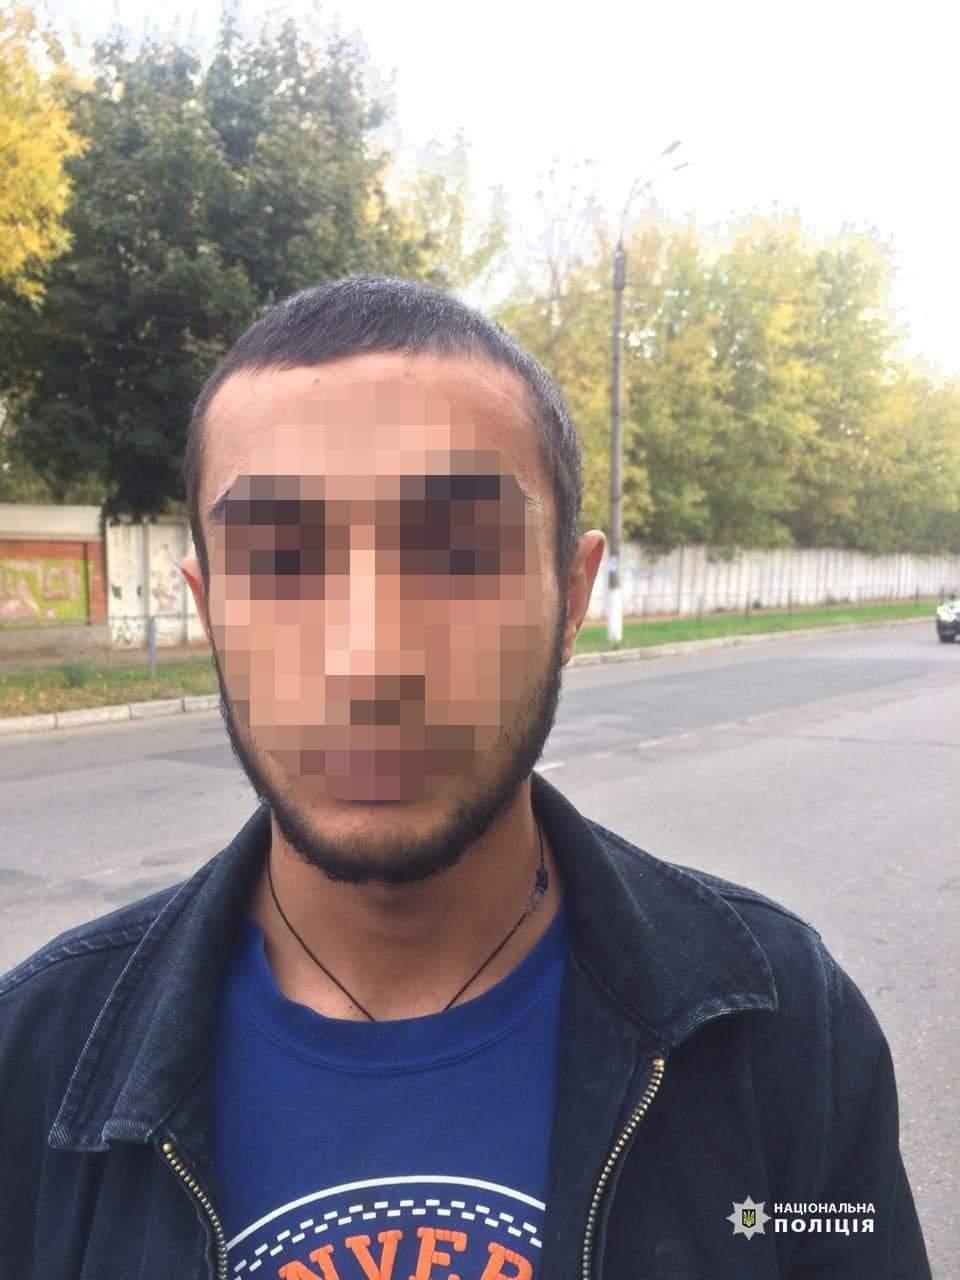 Поліцейські Сміли викрили двох грабіжників, які напали на місцевого чоловіка